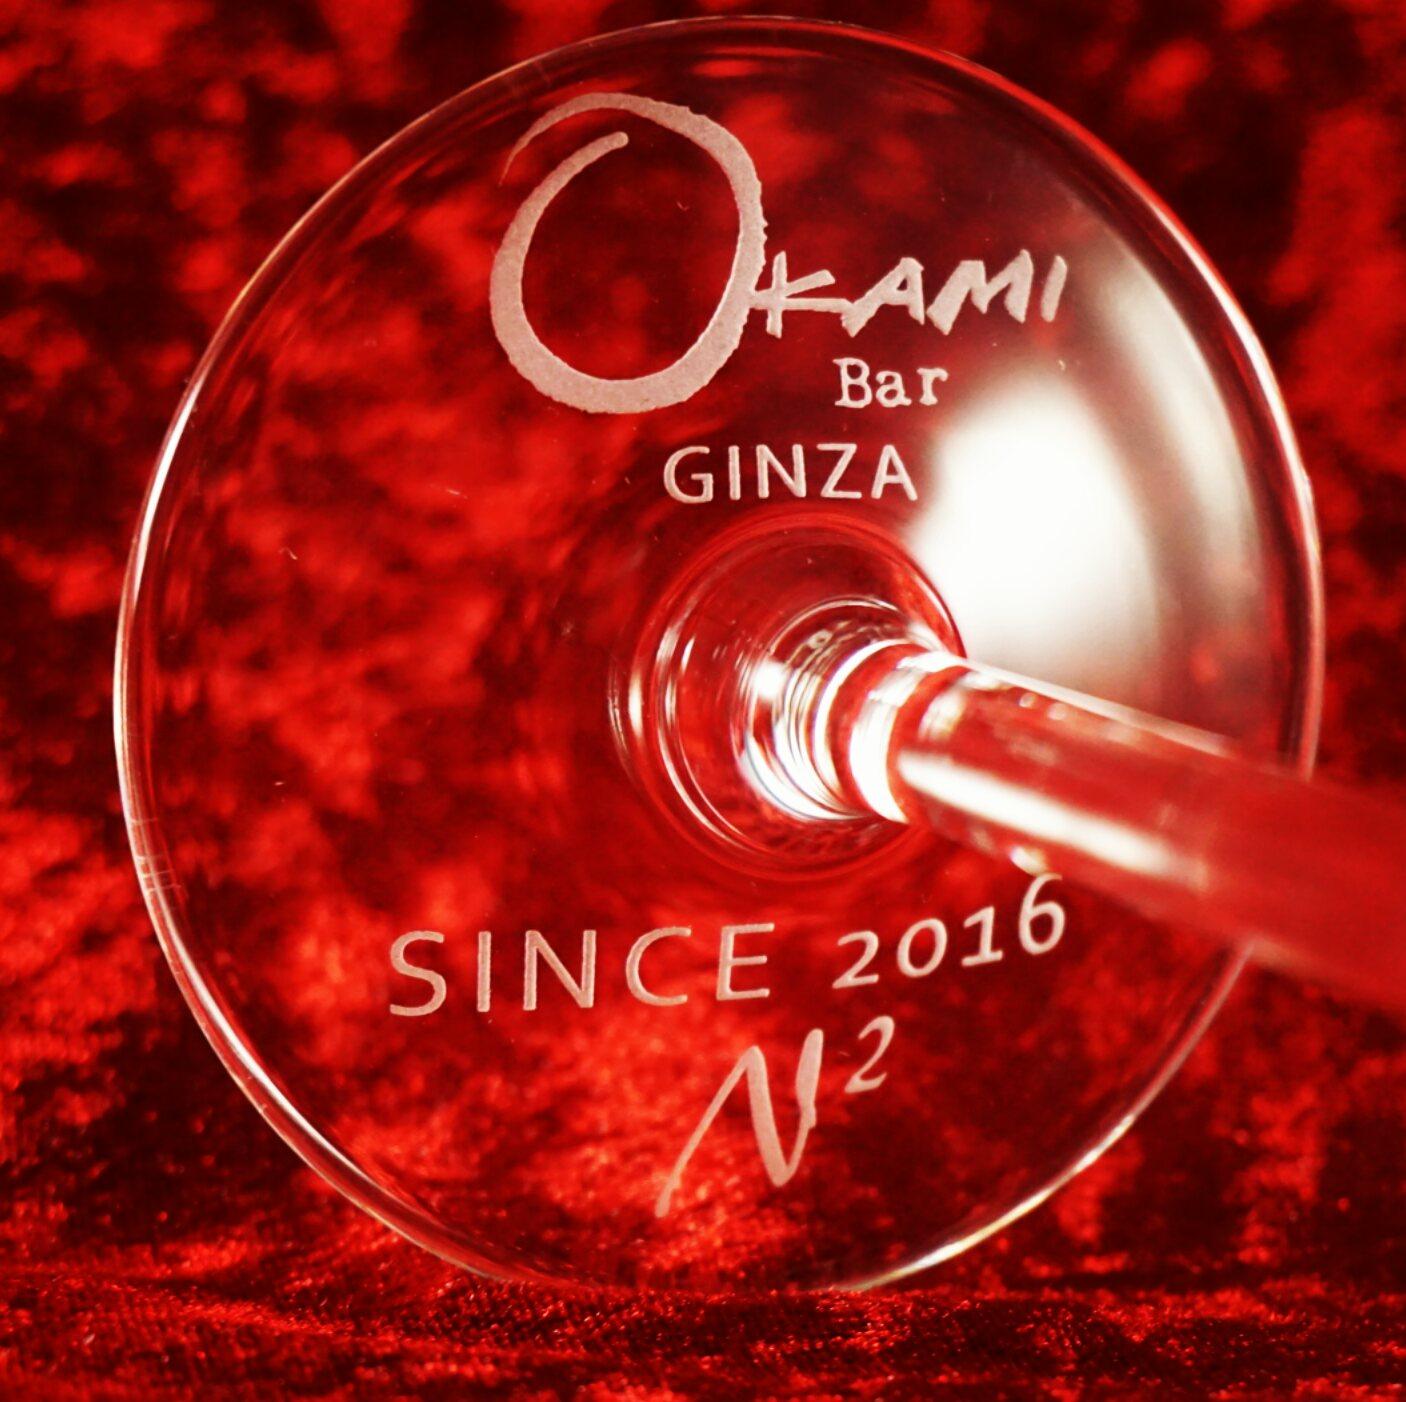 オリジナルシャンパングラス ロゴ入れ 名入れ 開店祝い 世界で1つ